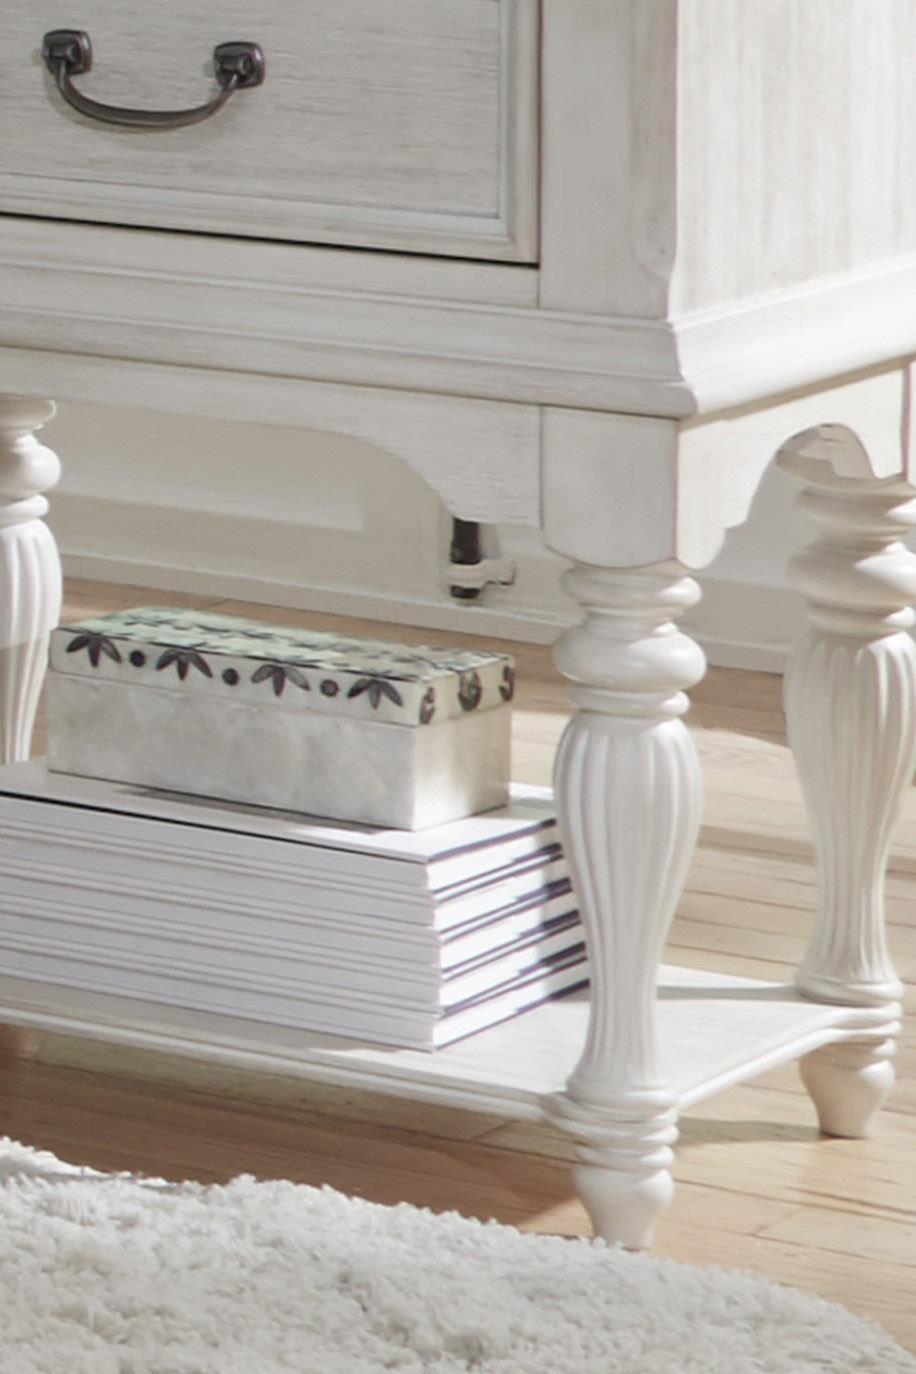 Liberty Bayside Bedroom White Panel Bedroom Set: Bayside Bedroom (249) By Liberty Furniture